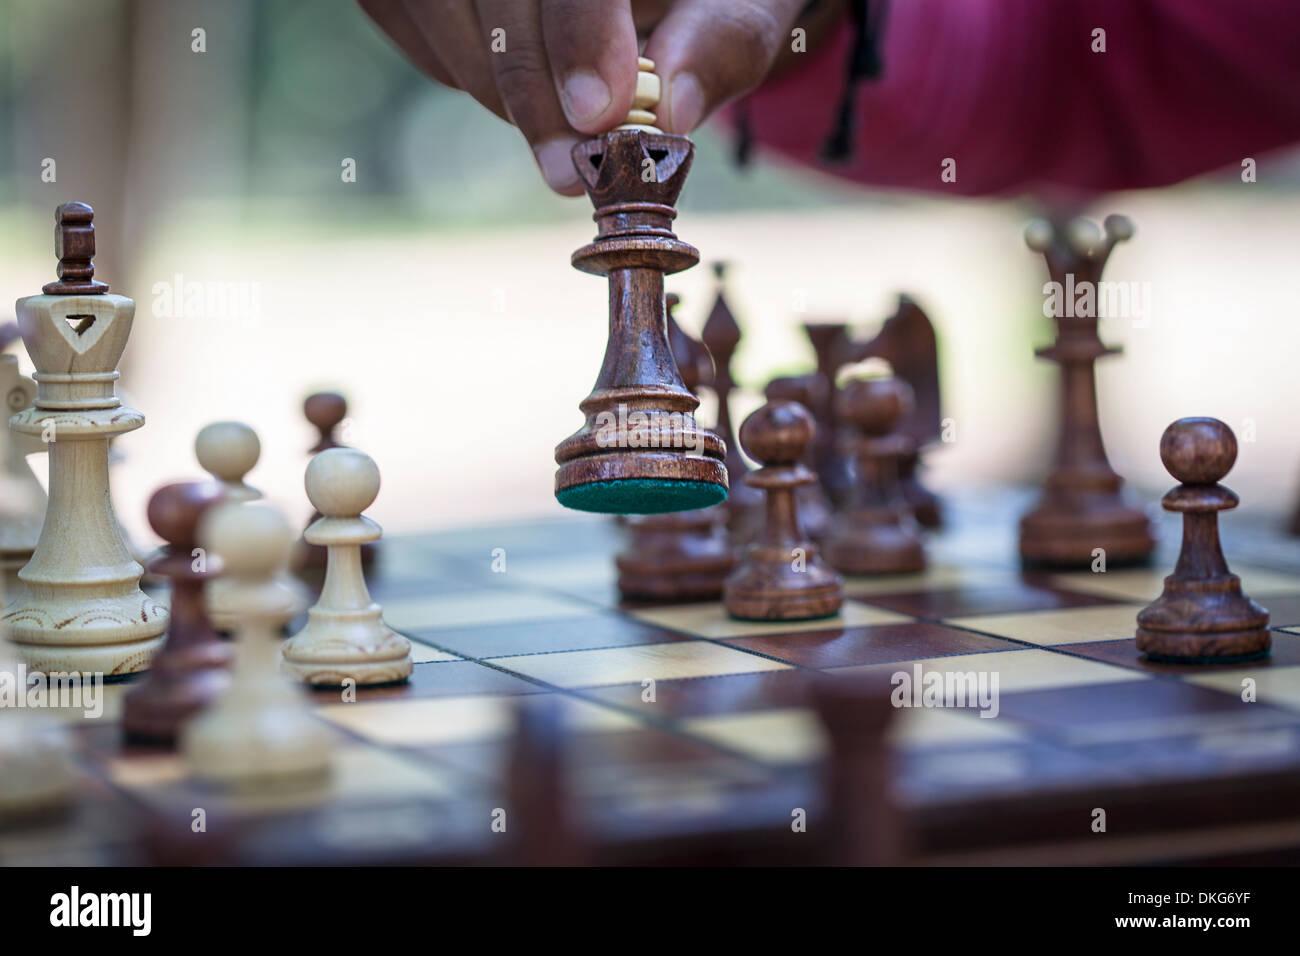 Déménagement à main pièce d'échecs à bord, Close up Banque D'Images